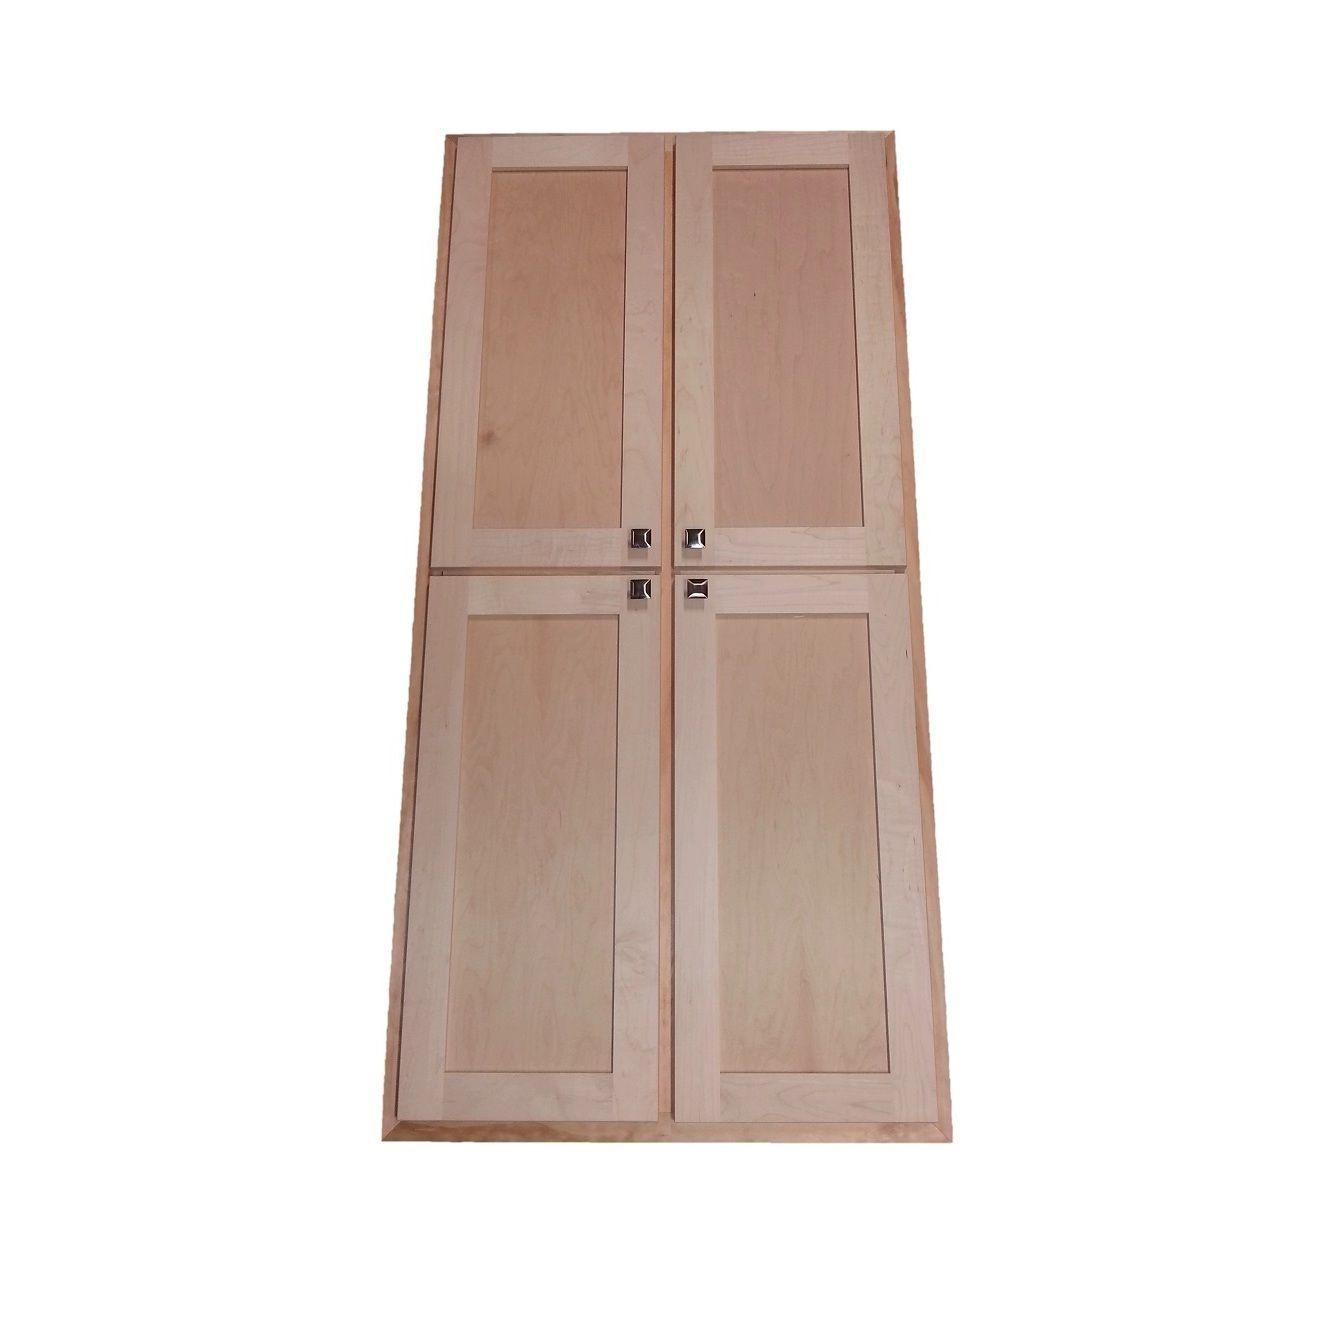 Wg Products 24 Inch Wide X 3 5 Deep Recessed Craftsman Double Door Medicine Storage Cabinet Brown